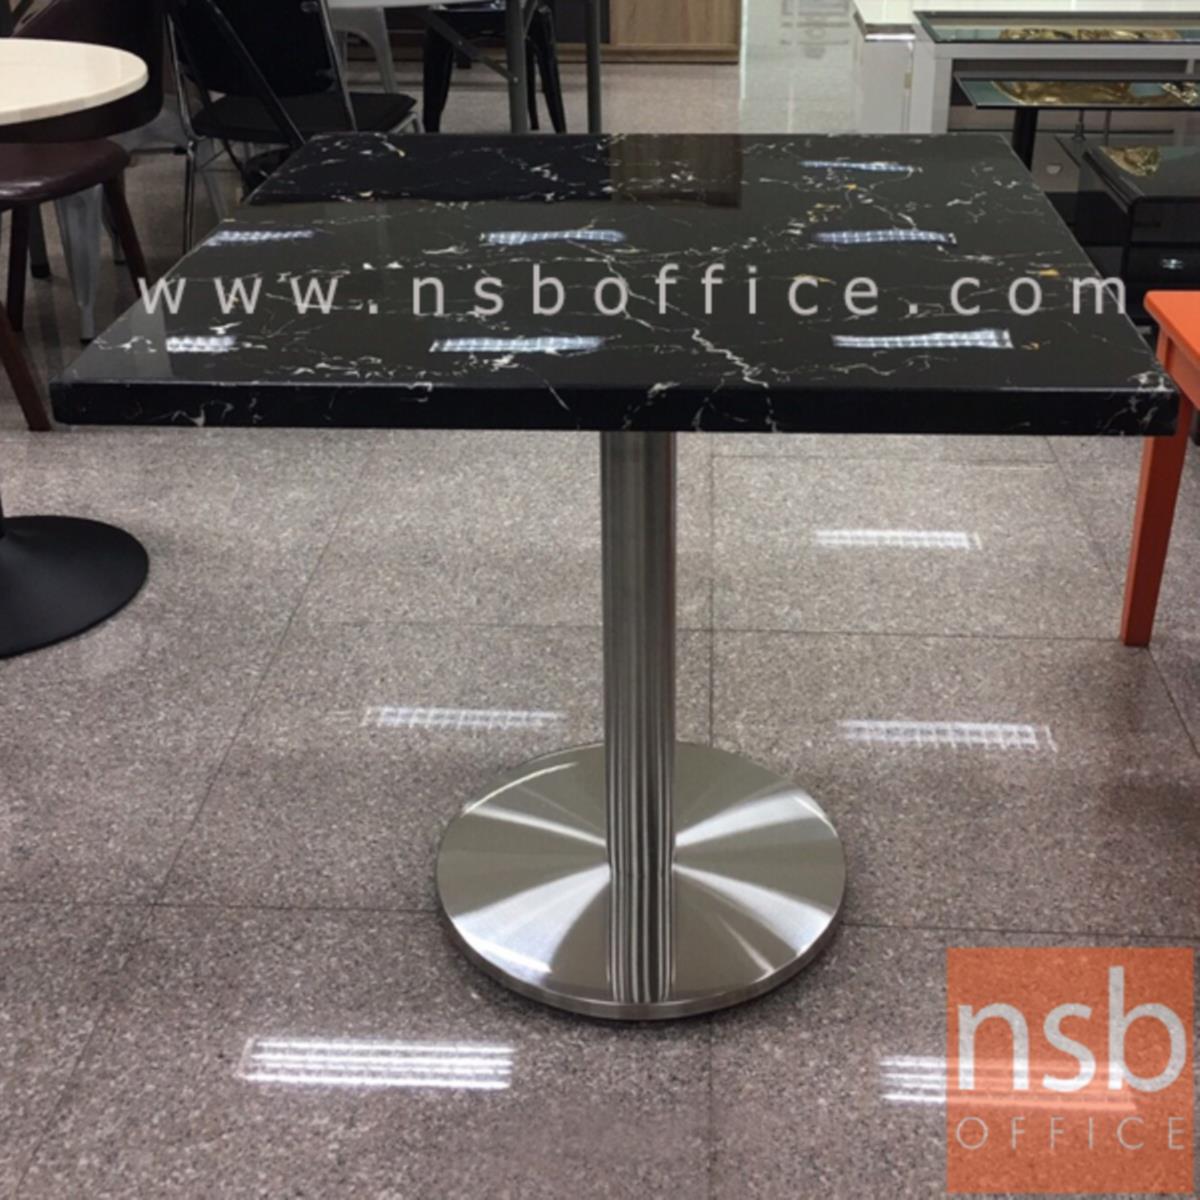 โต๊ะหน้าหินอ่อน รุ่น Jack Gilford (กิลฟอร์ด) ขนาด 70W cm.  โครงขาสแตนเลส